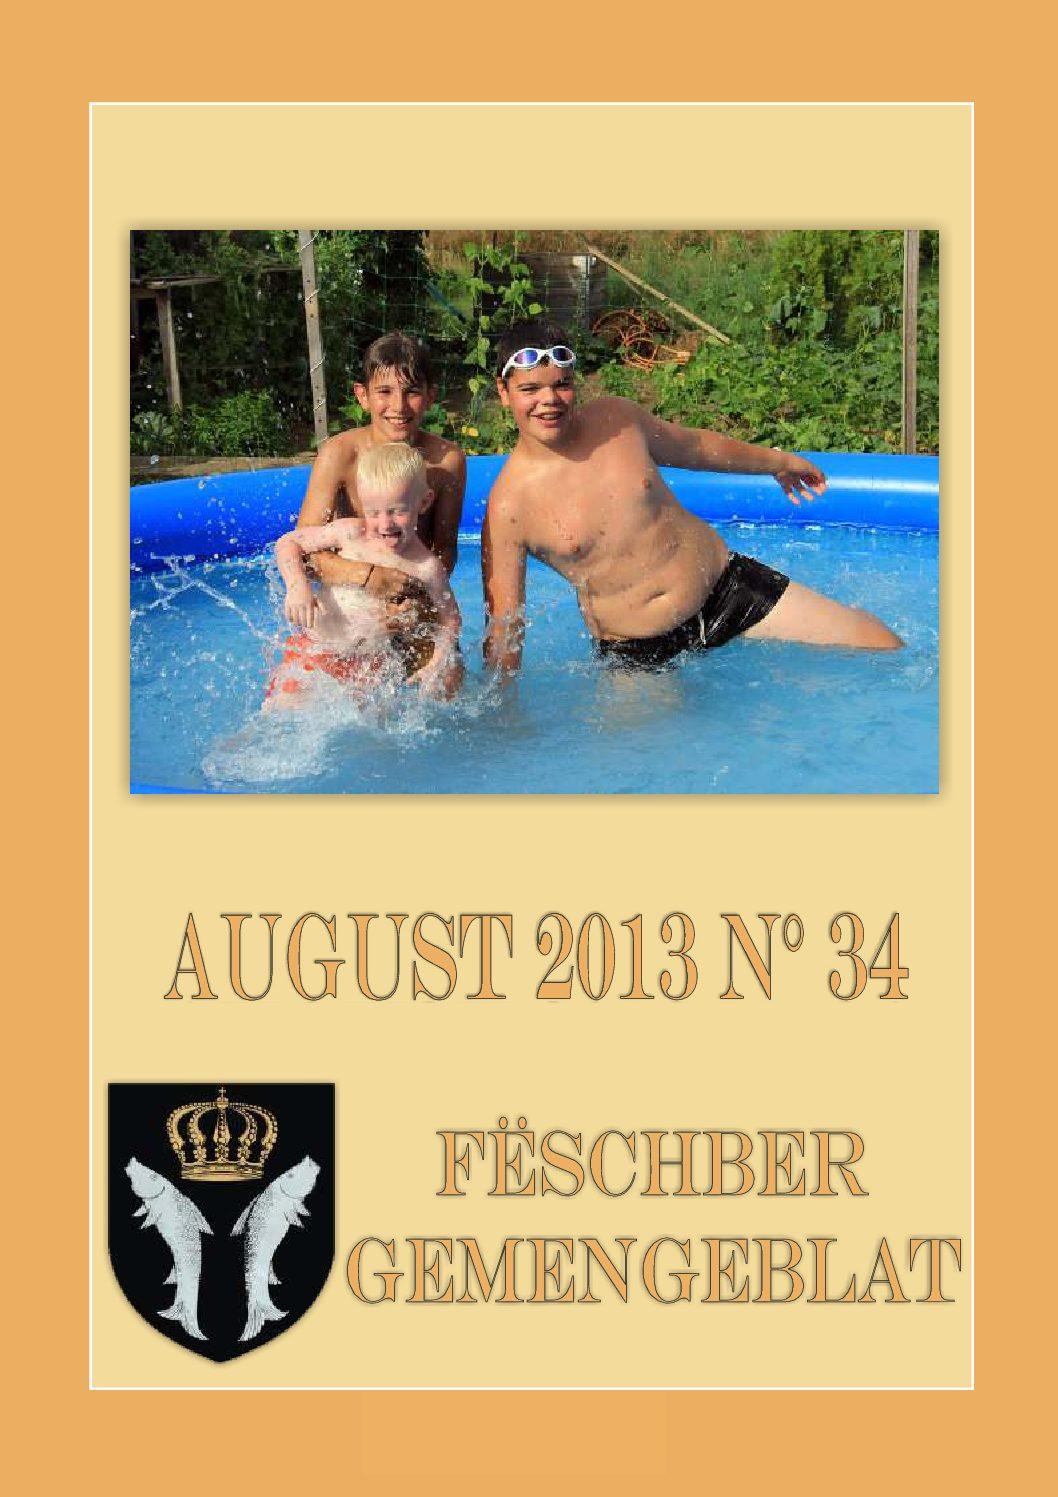 August 2013 Gemengeblat No. 34